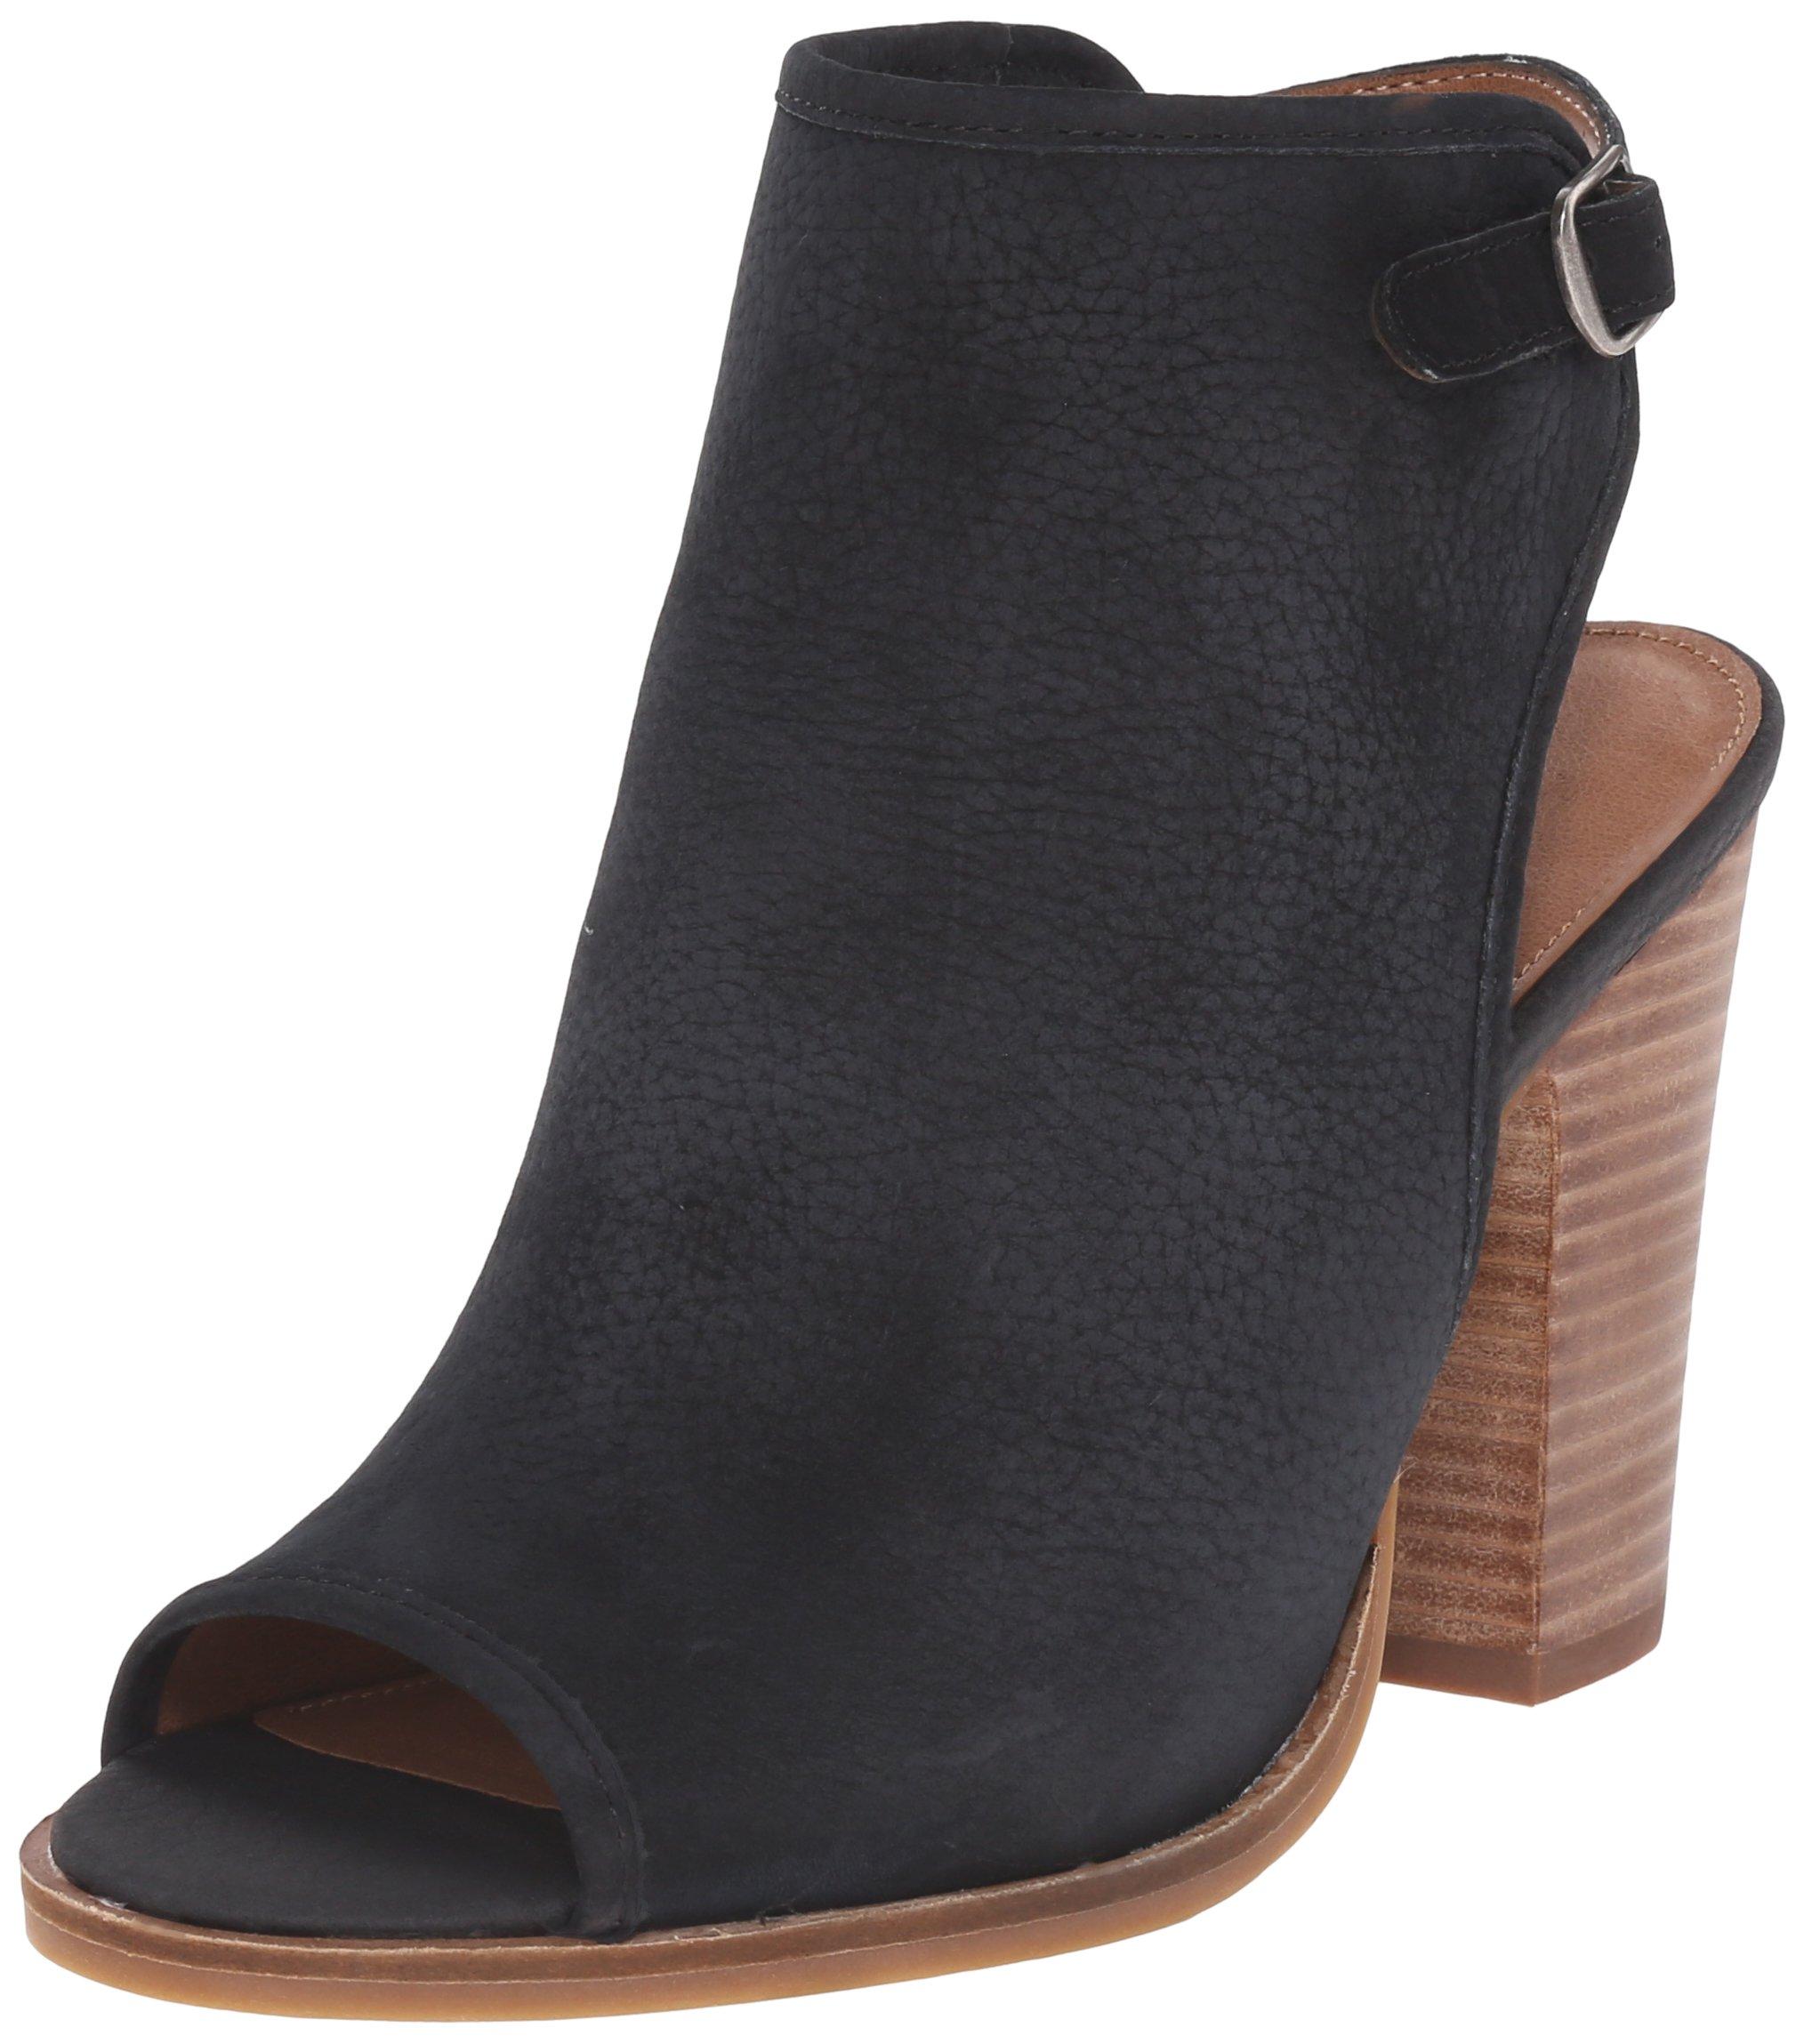 Lucky Women's Lisza Peep Toe Heel, Black, 8.5 M US